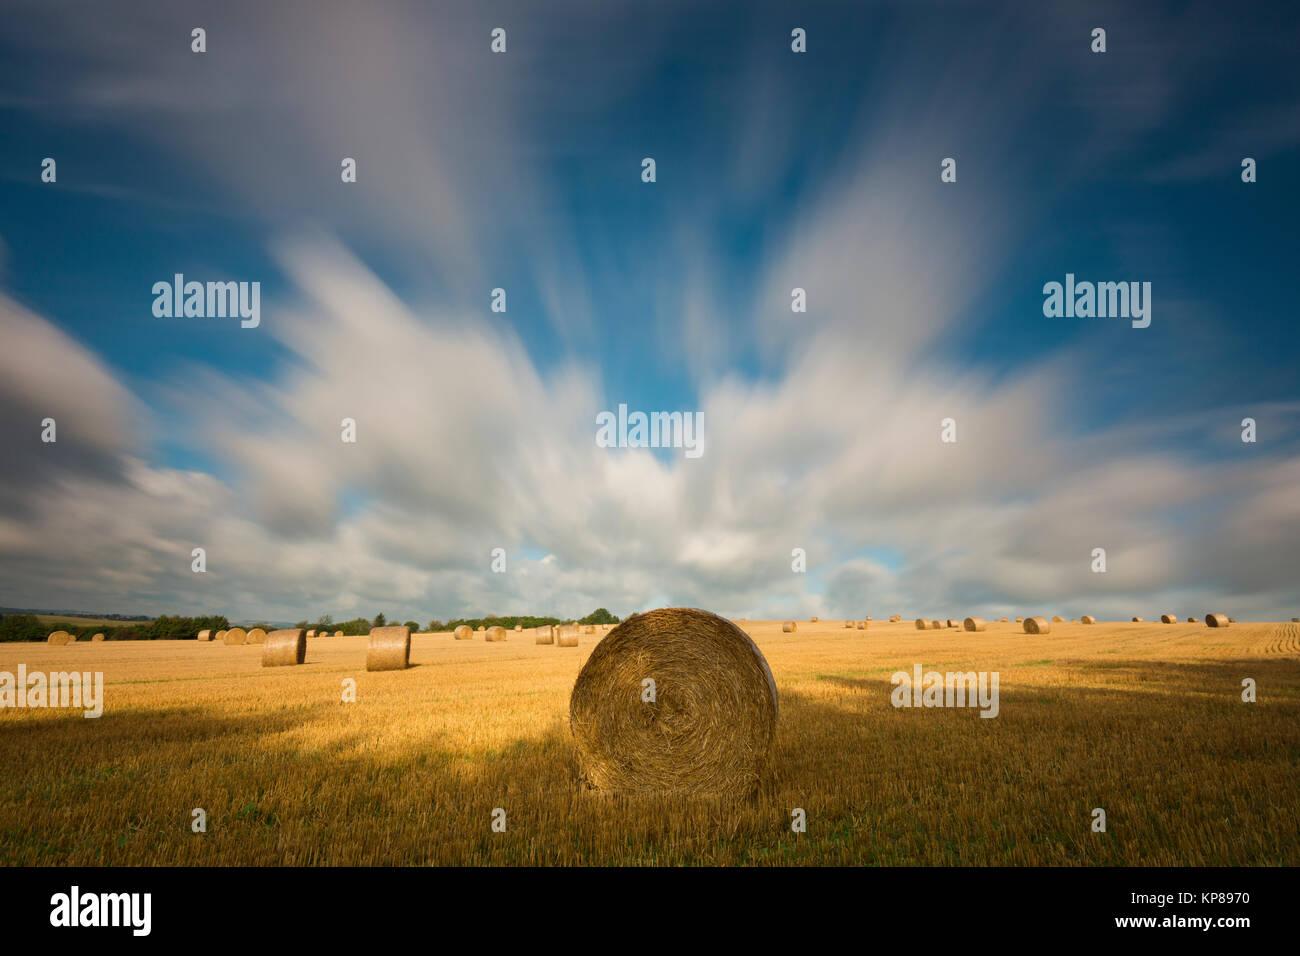 Felder im Licht mit Schatten und Wolken,Sonnenstrahlen,Wolken über Landschaft Stock Photo